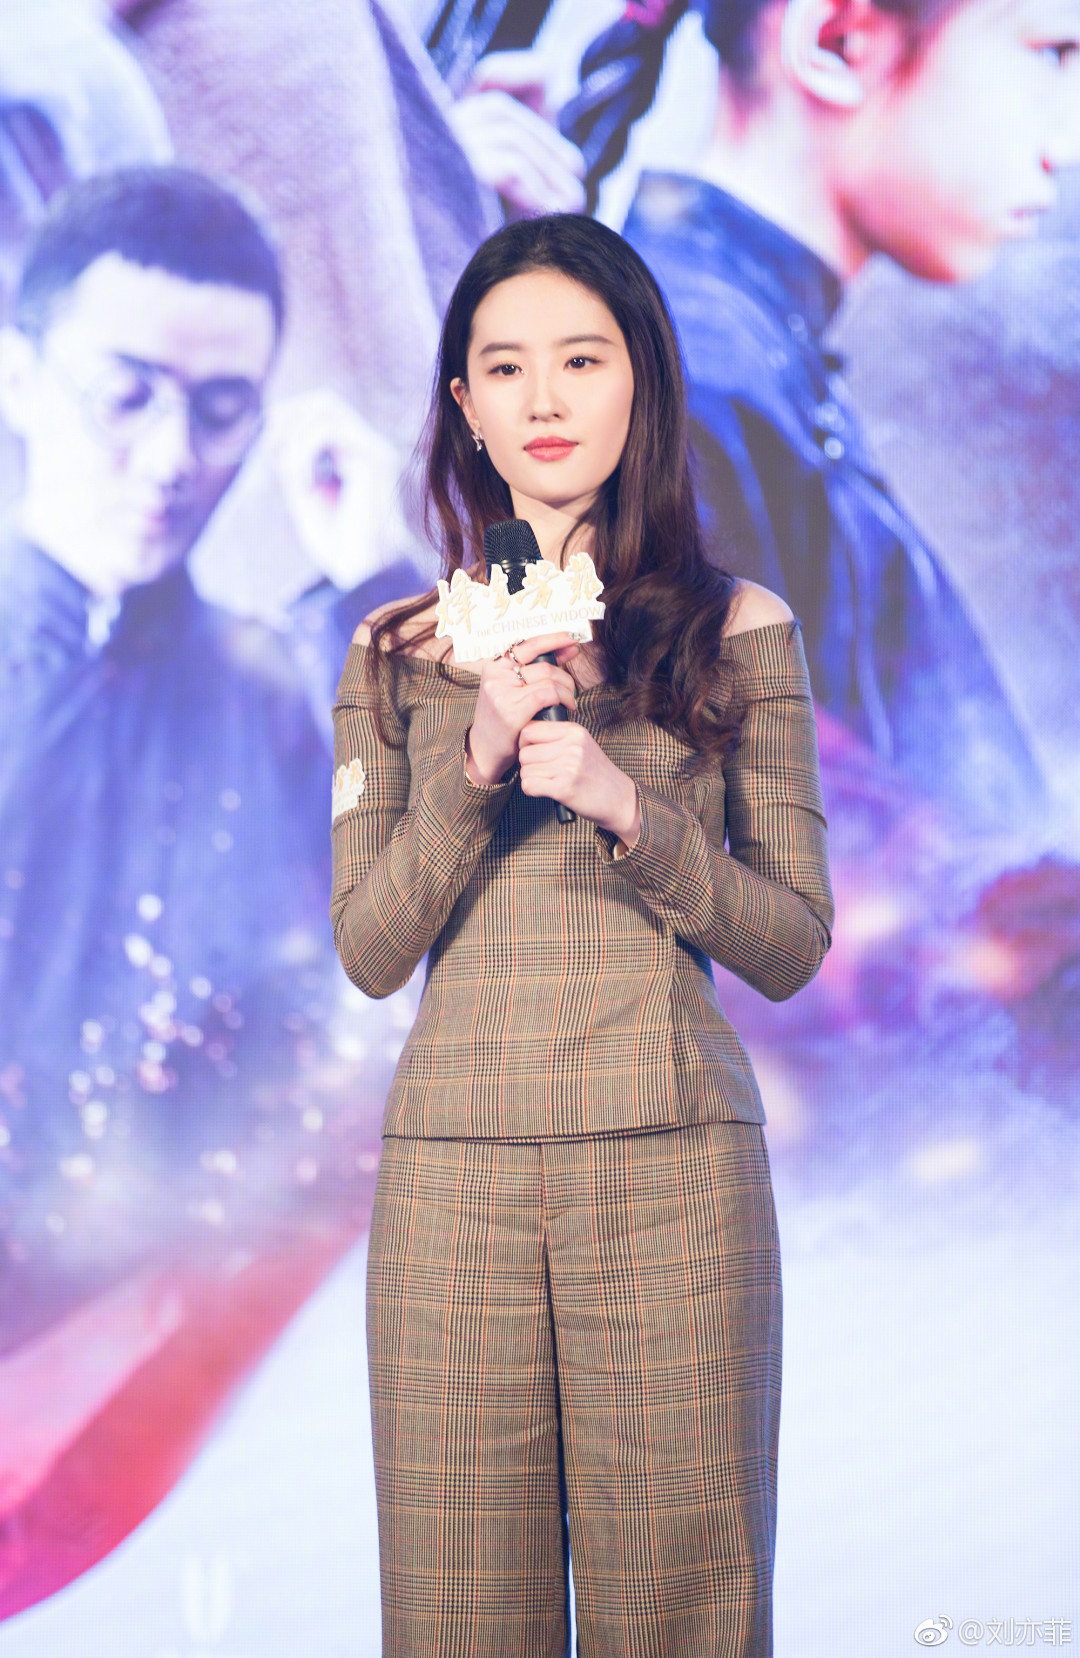 2017刘亦菲最新时装-第1张图片